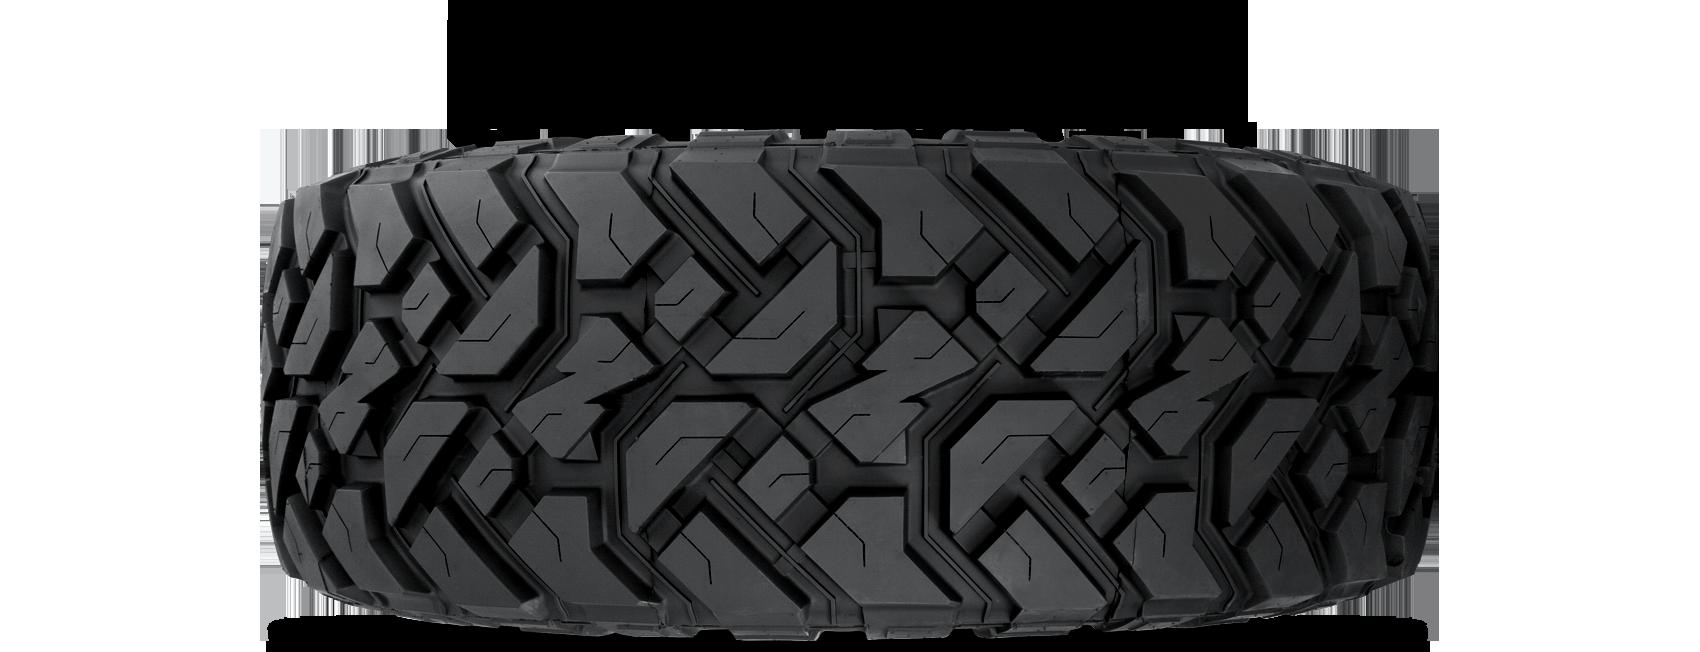 Gripper Truck Tires - Fuel Off-Road Wheels